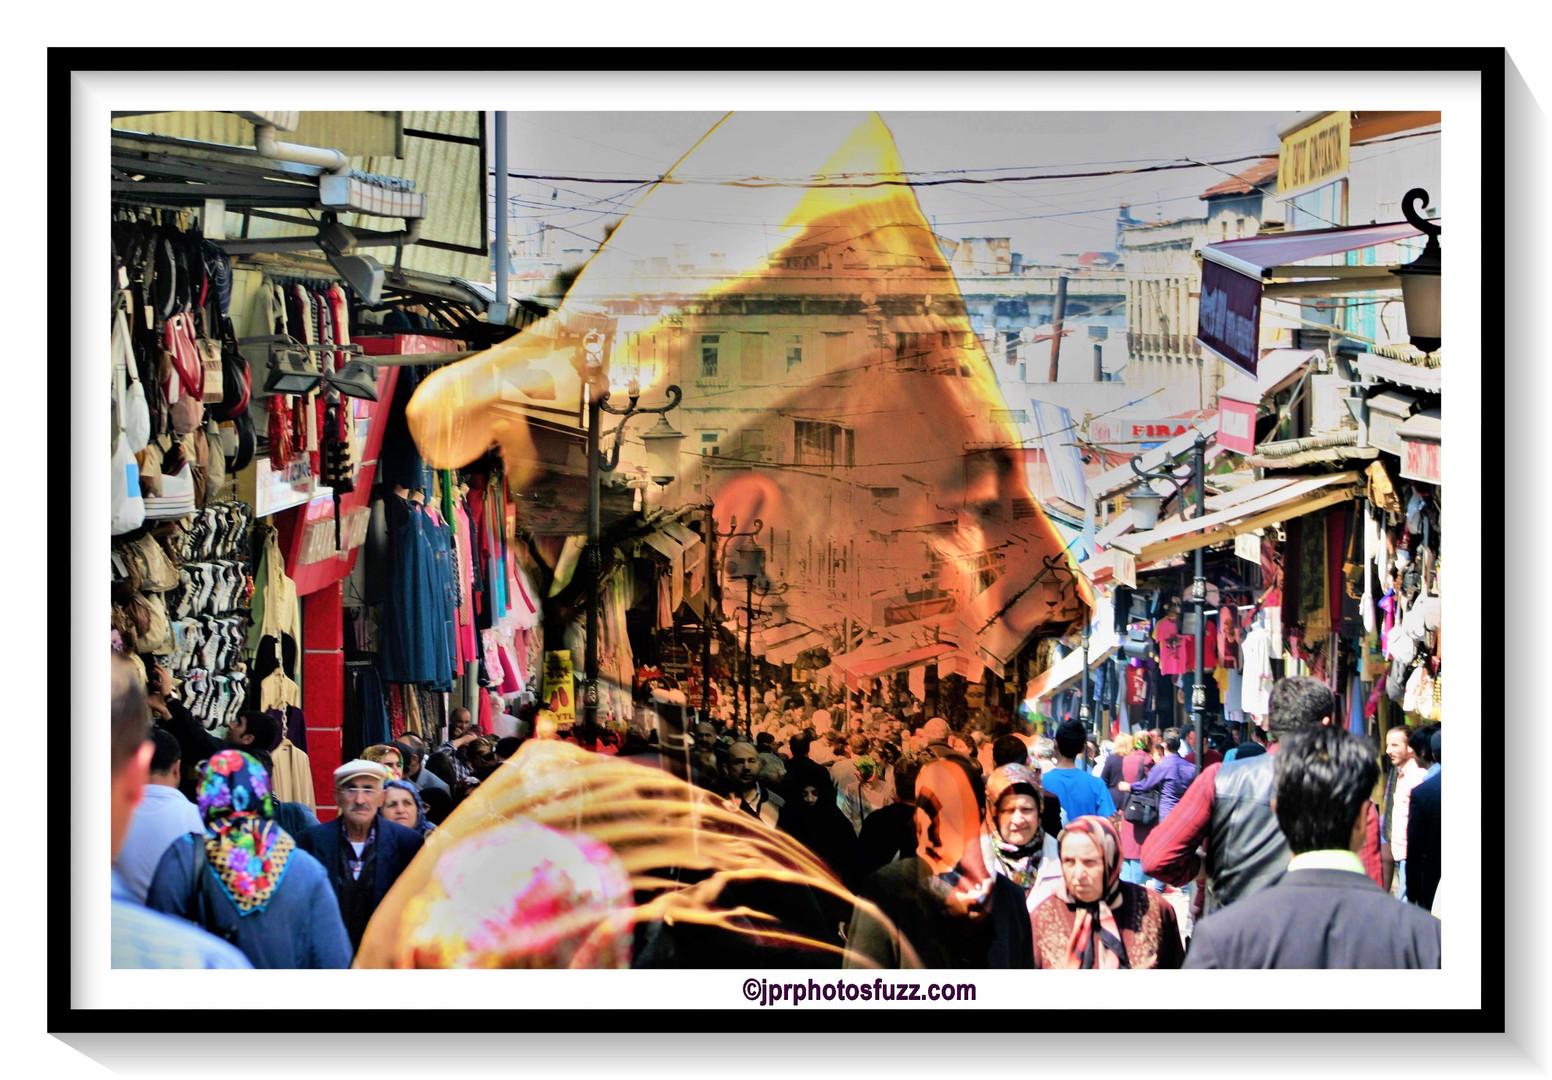 ISTANBUL STREET- Turquie